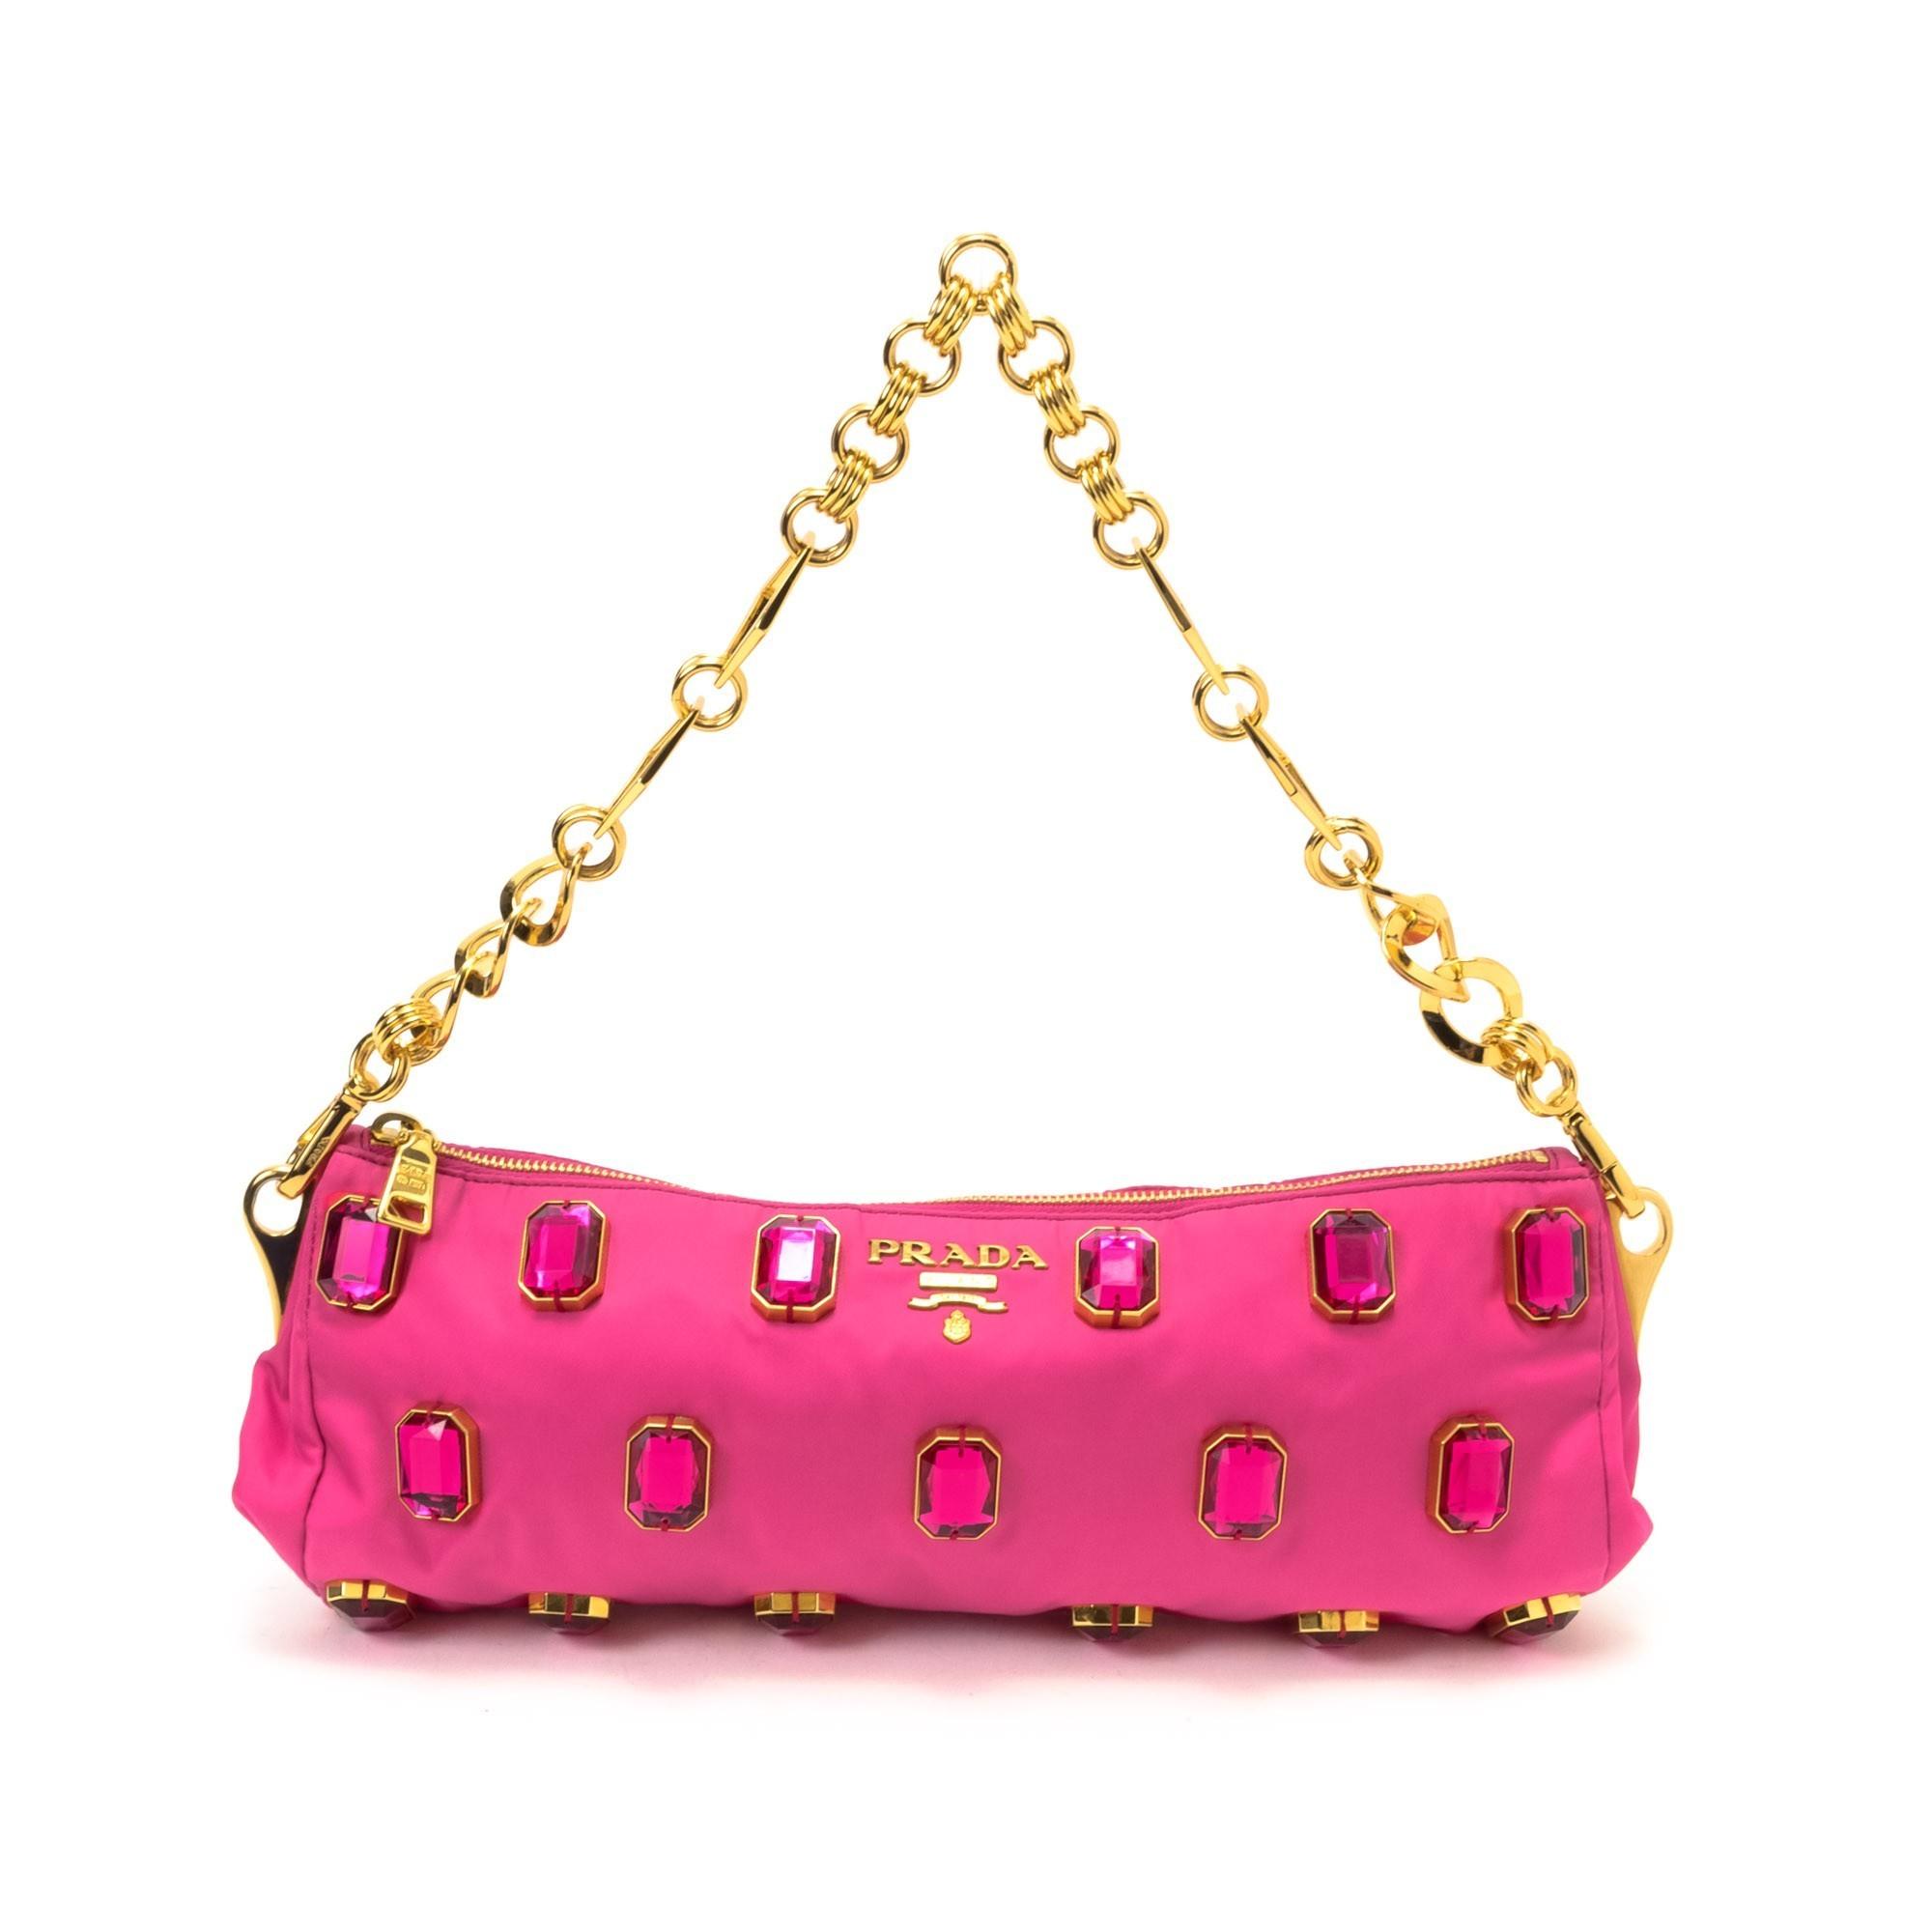 imitation prada purses - prada evening bag